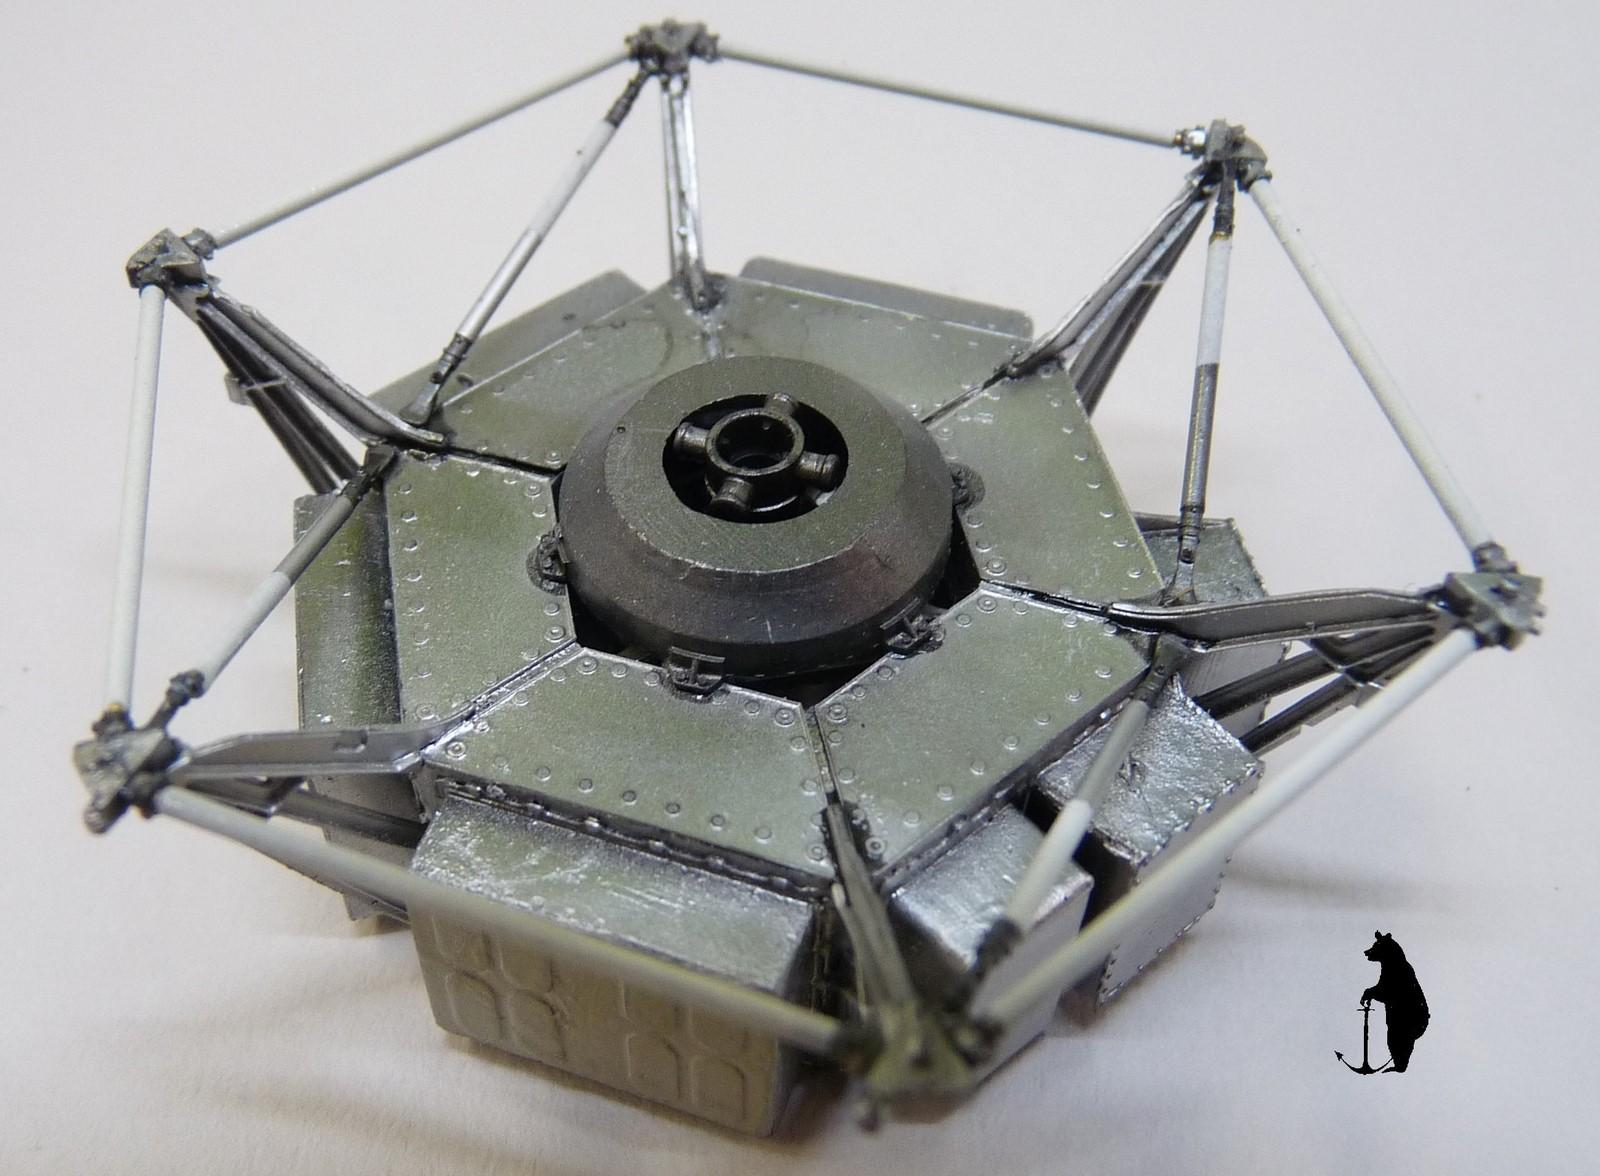 Crash-test planétaire : la sonde lunaire Ranger 8 au 1/24e 17072103222623134915160142